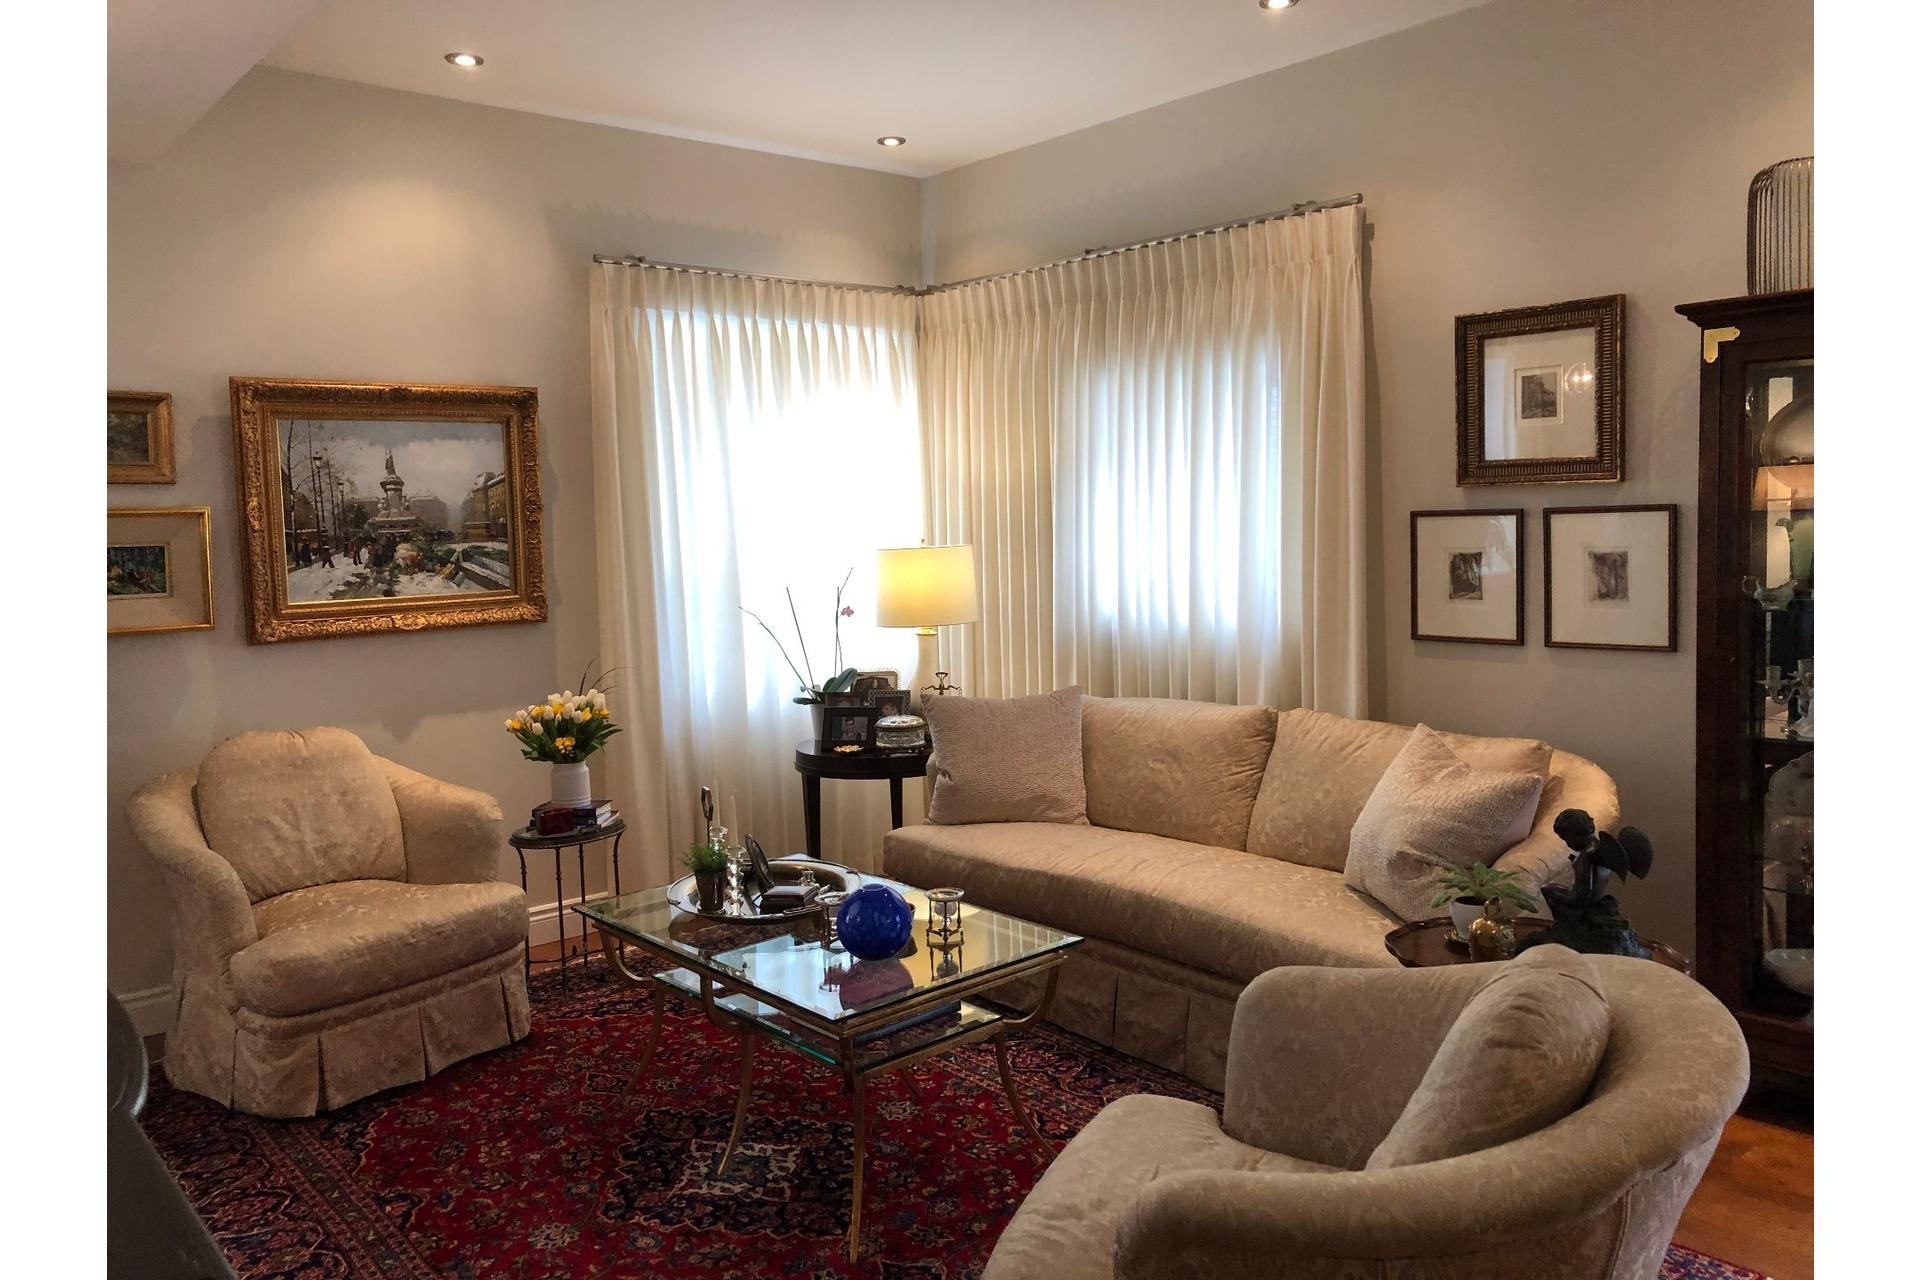 image 9 - Appartement À vendre Côte-des-Neiges/Notre-Dame-de-Grâce Montréal  - 5 pièces